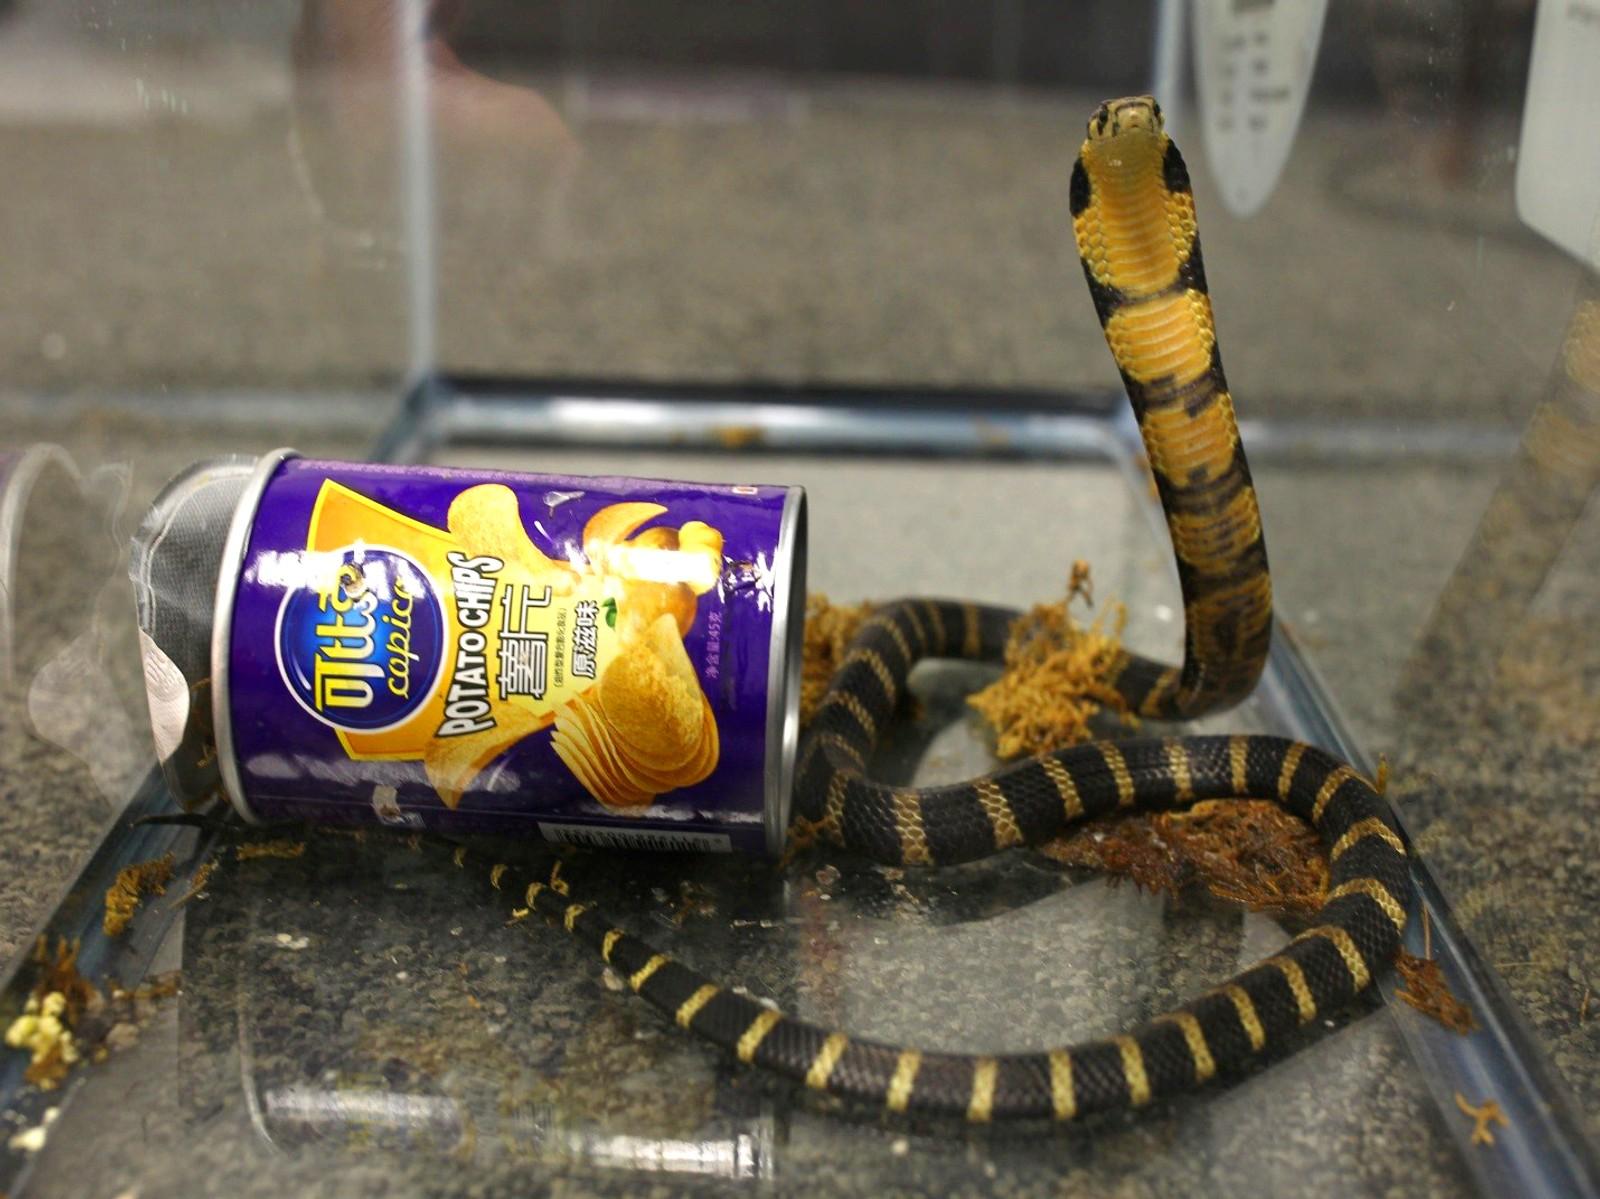 En mann ble arrestert denne uka i Los Angeles. Han skal visstnok ha forsøkt å smugle kongekobraer inn i USA ved hjelp av potetgullbokser. Kongekobraen er verdens lengste giftige slange. Den kan bli opp mot seks meter lang.